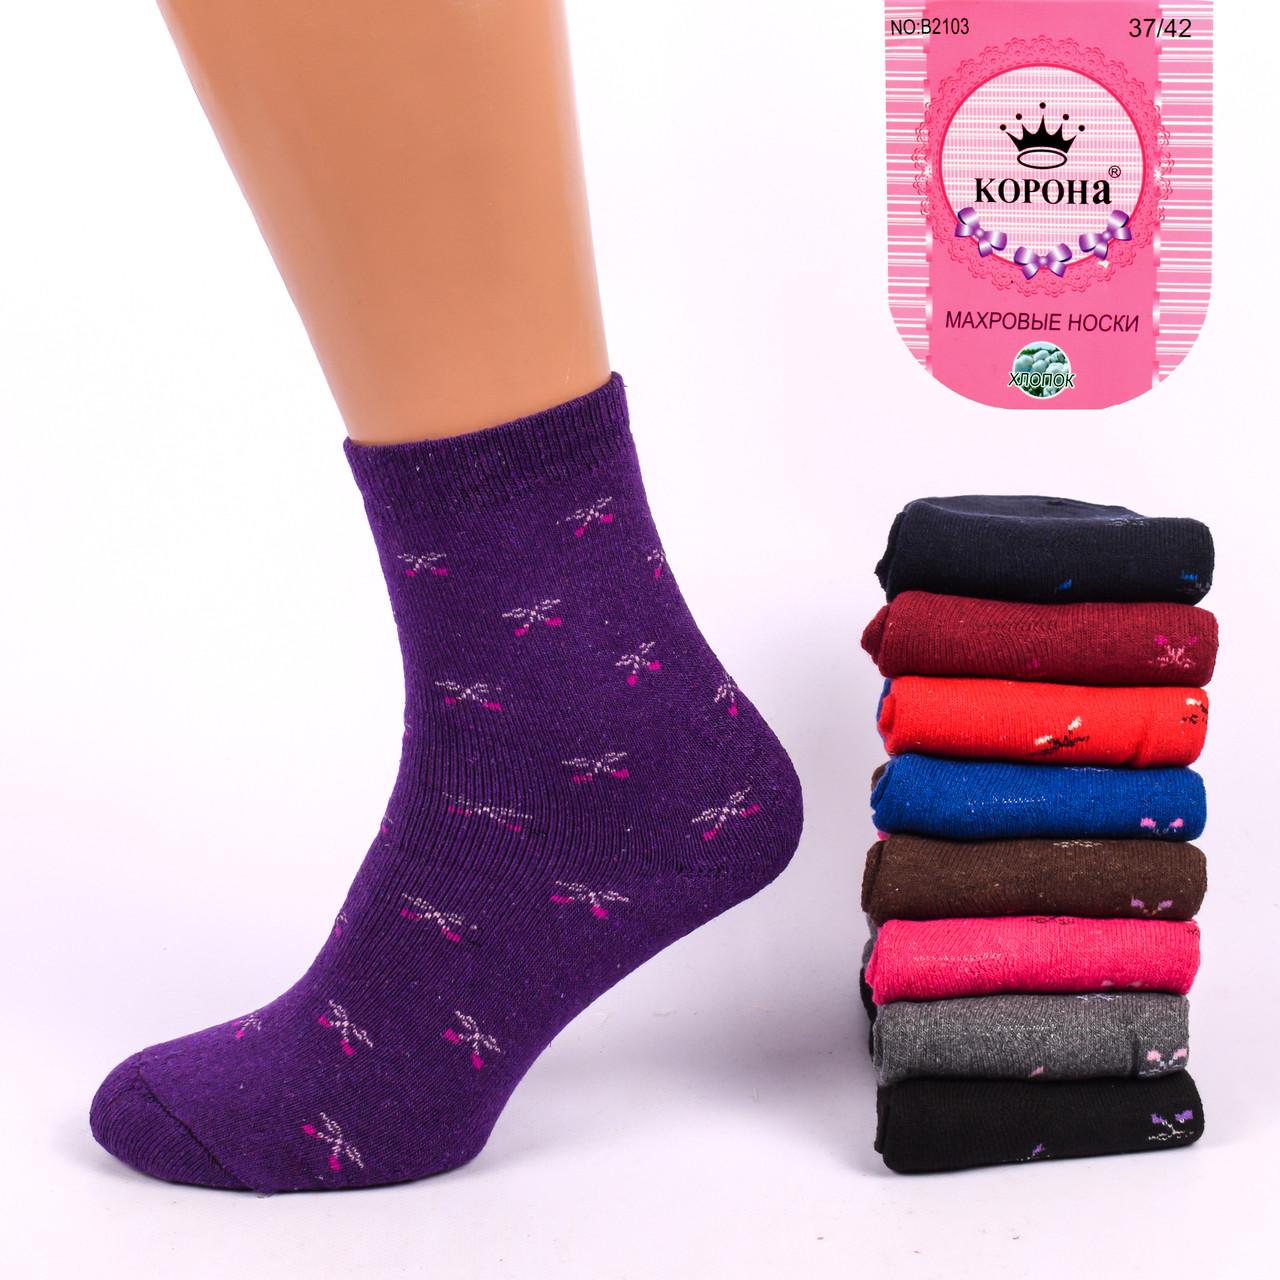 Женские махровые носки Korona B2201-1. В упаковке 12 пар